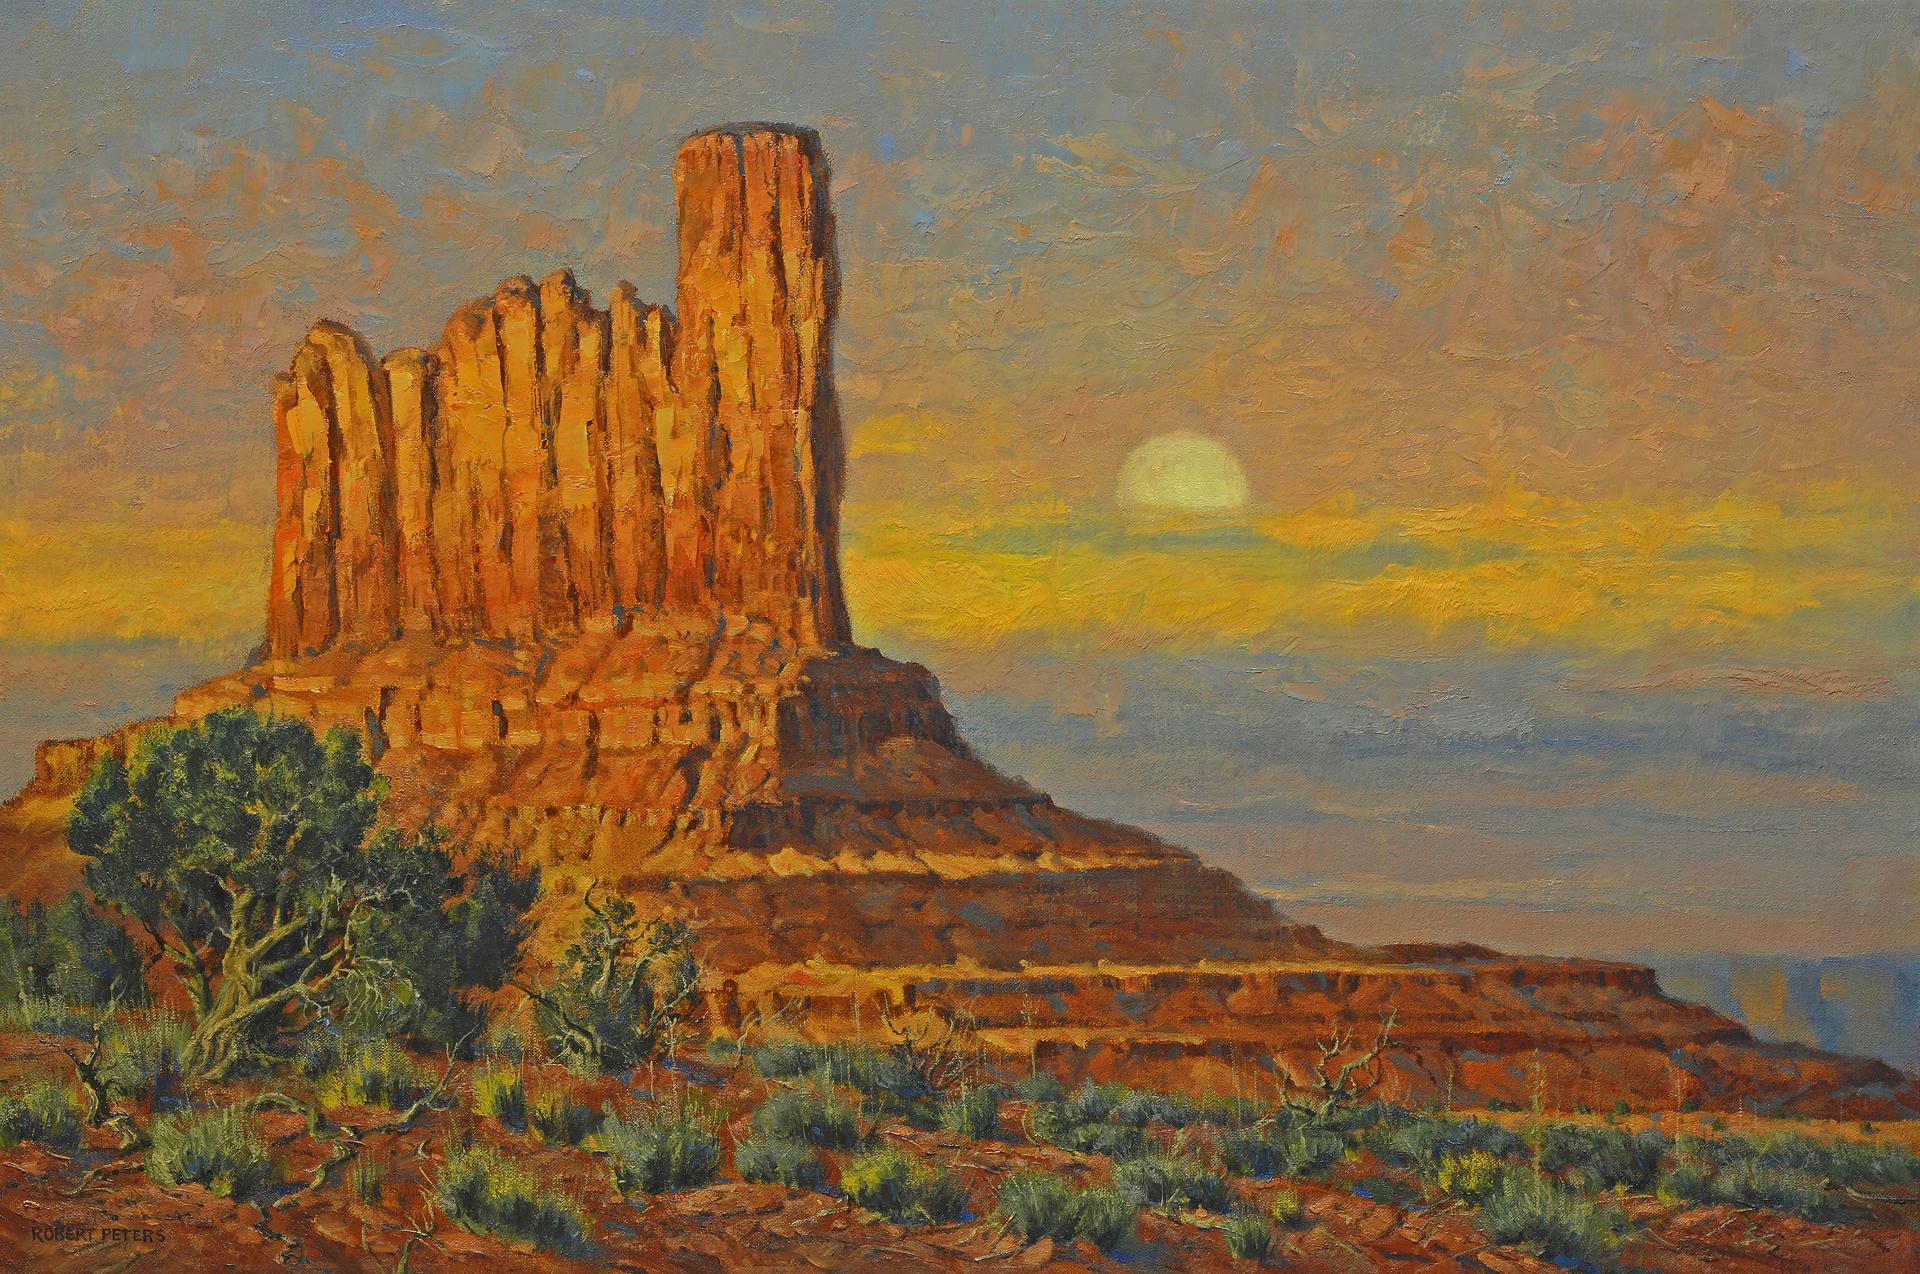 Southwestern Moonrise by Robert Peters